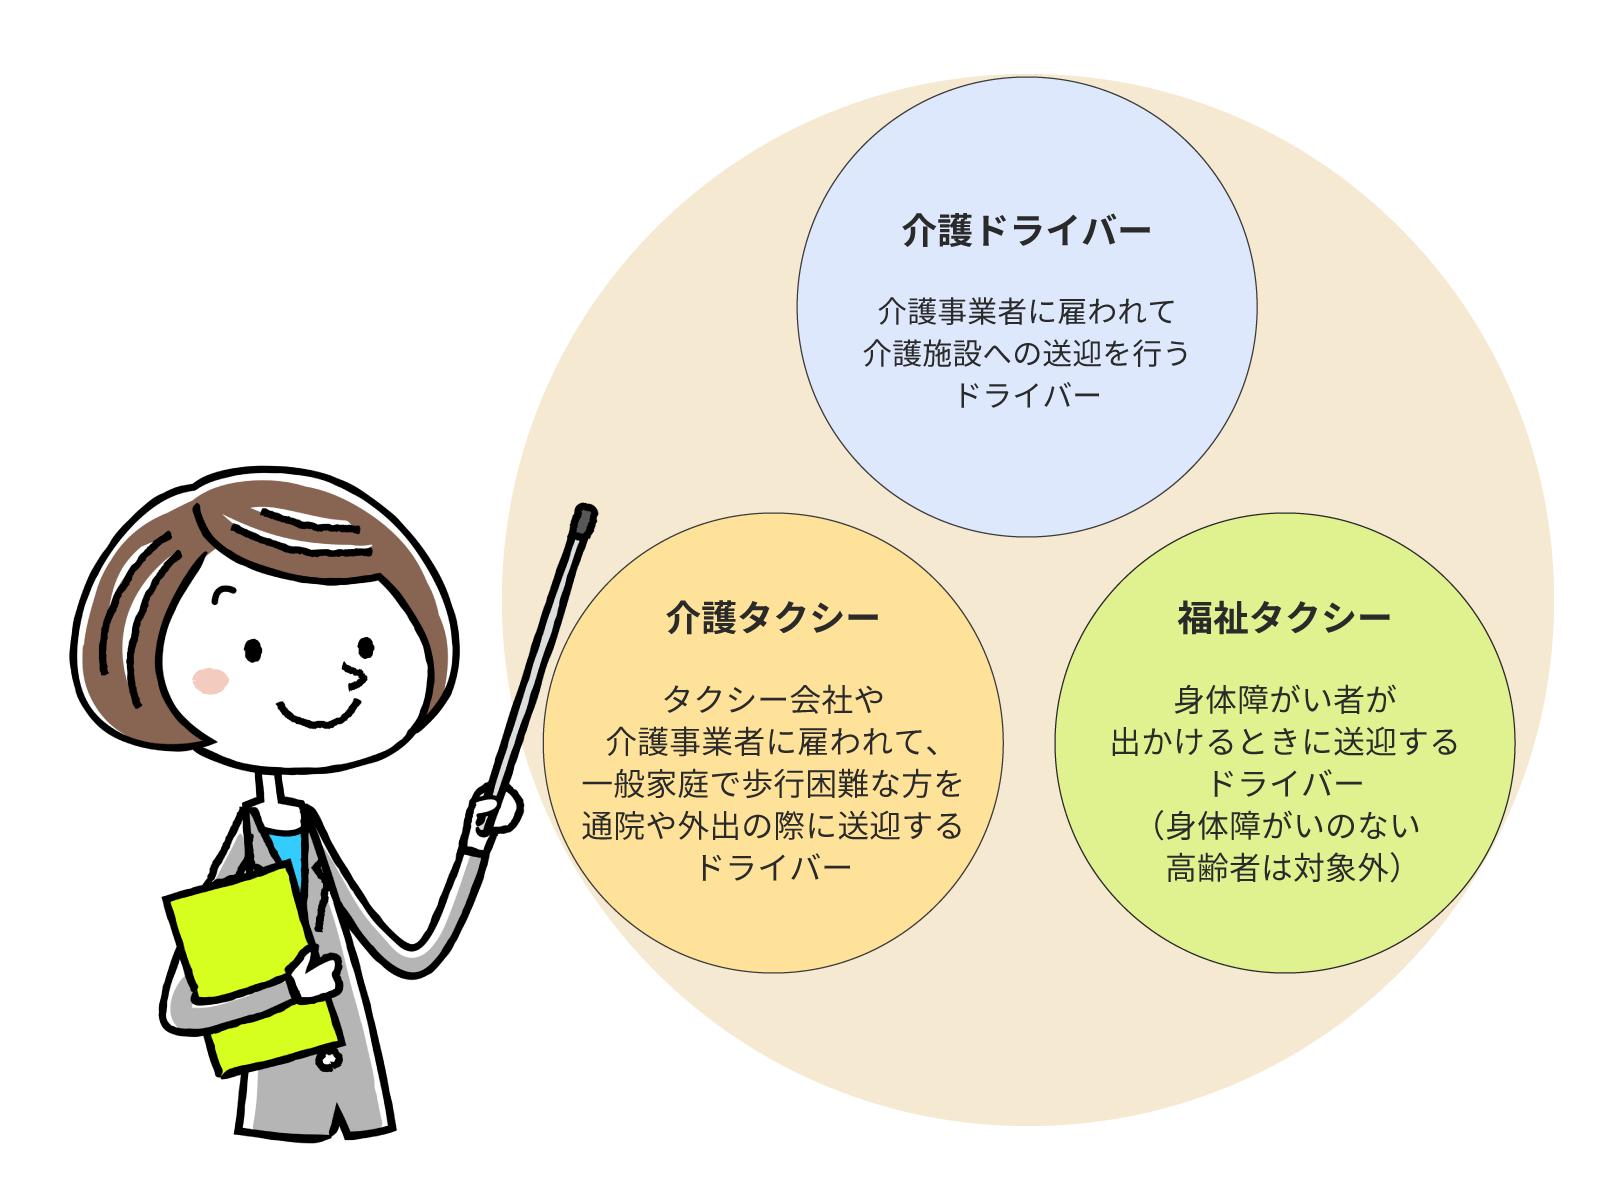 介護ドライバー、介護タクシー、福祉タクシーの違いについての図版